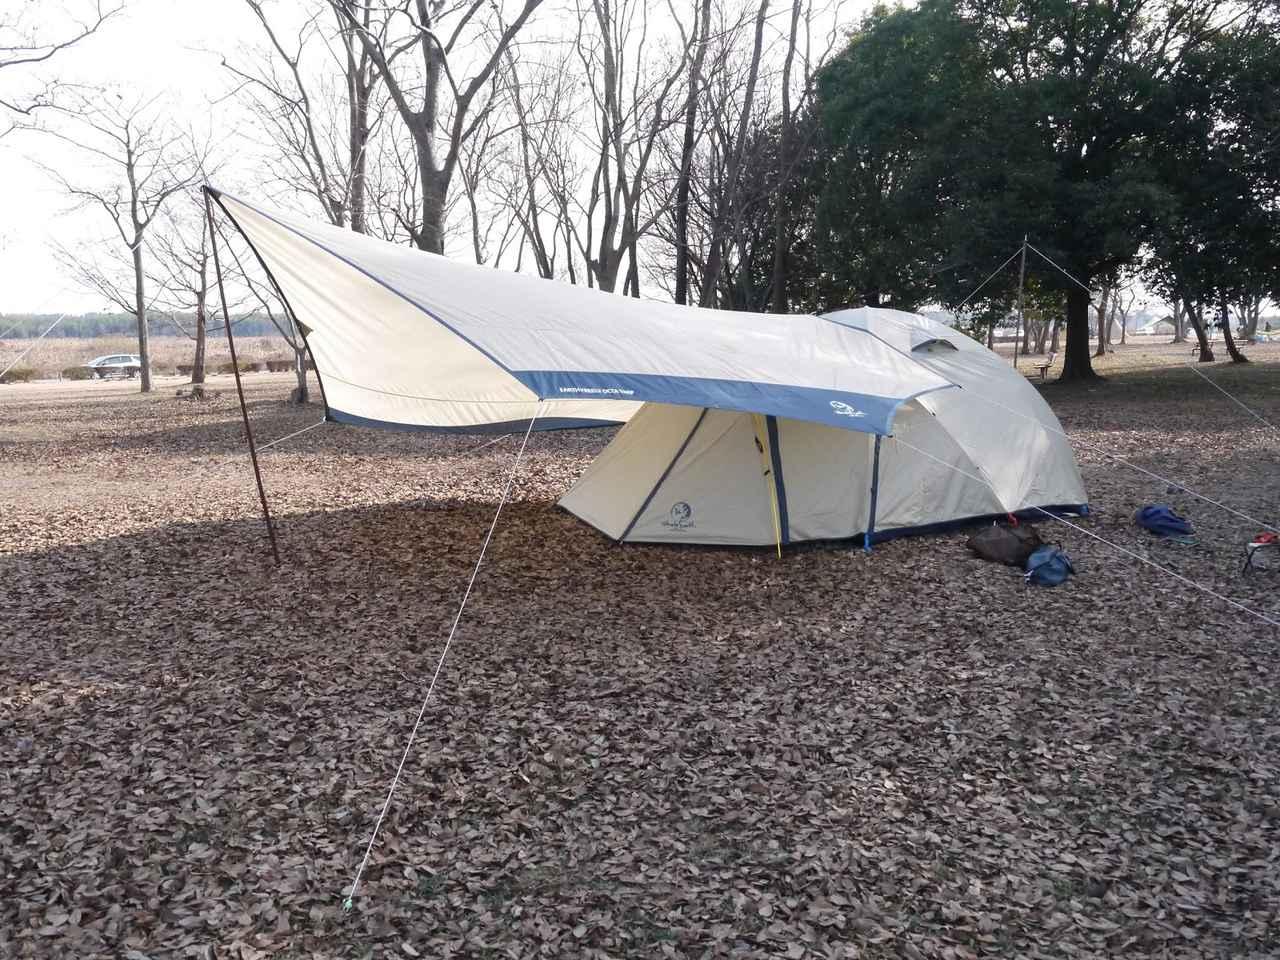 【小川張りの方法】テントとタープの連結に挑戦しよう! メリットやデメリットもご紹介